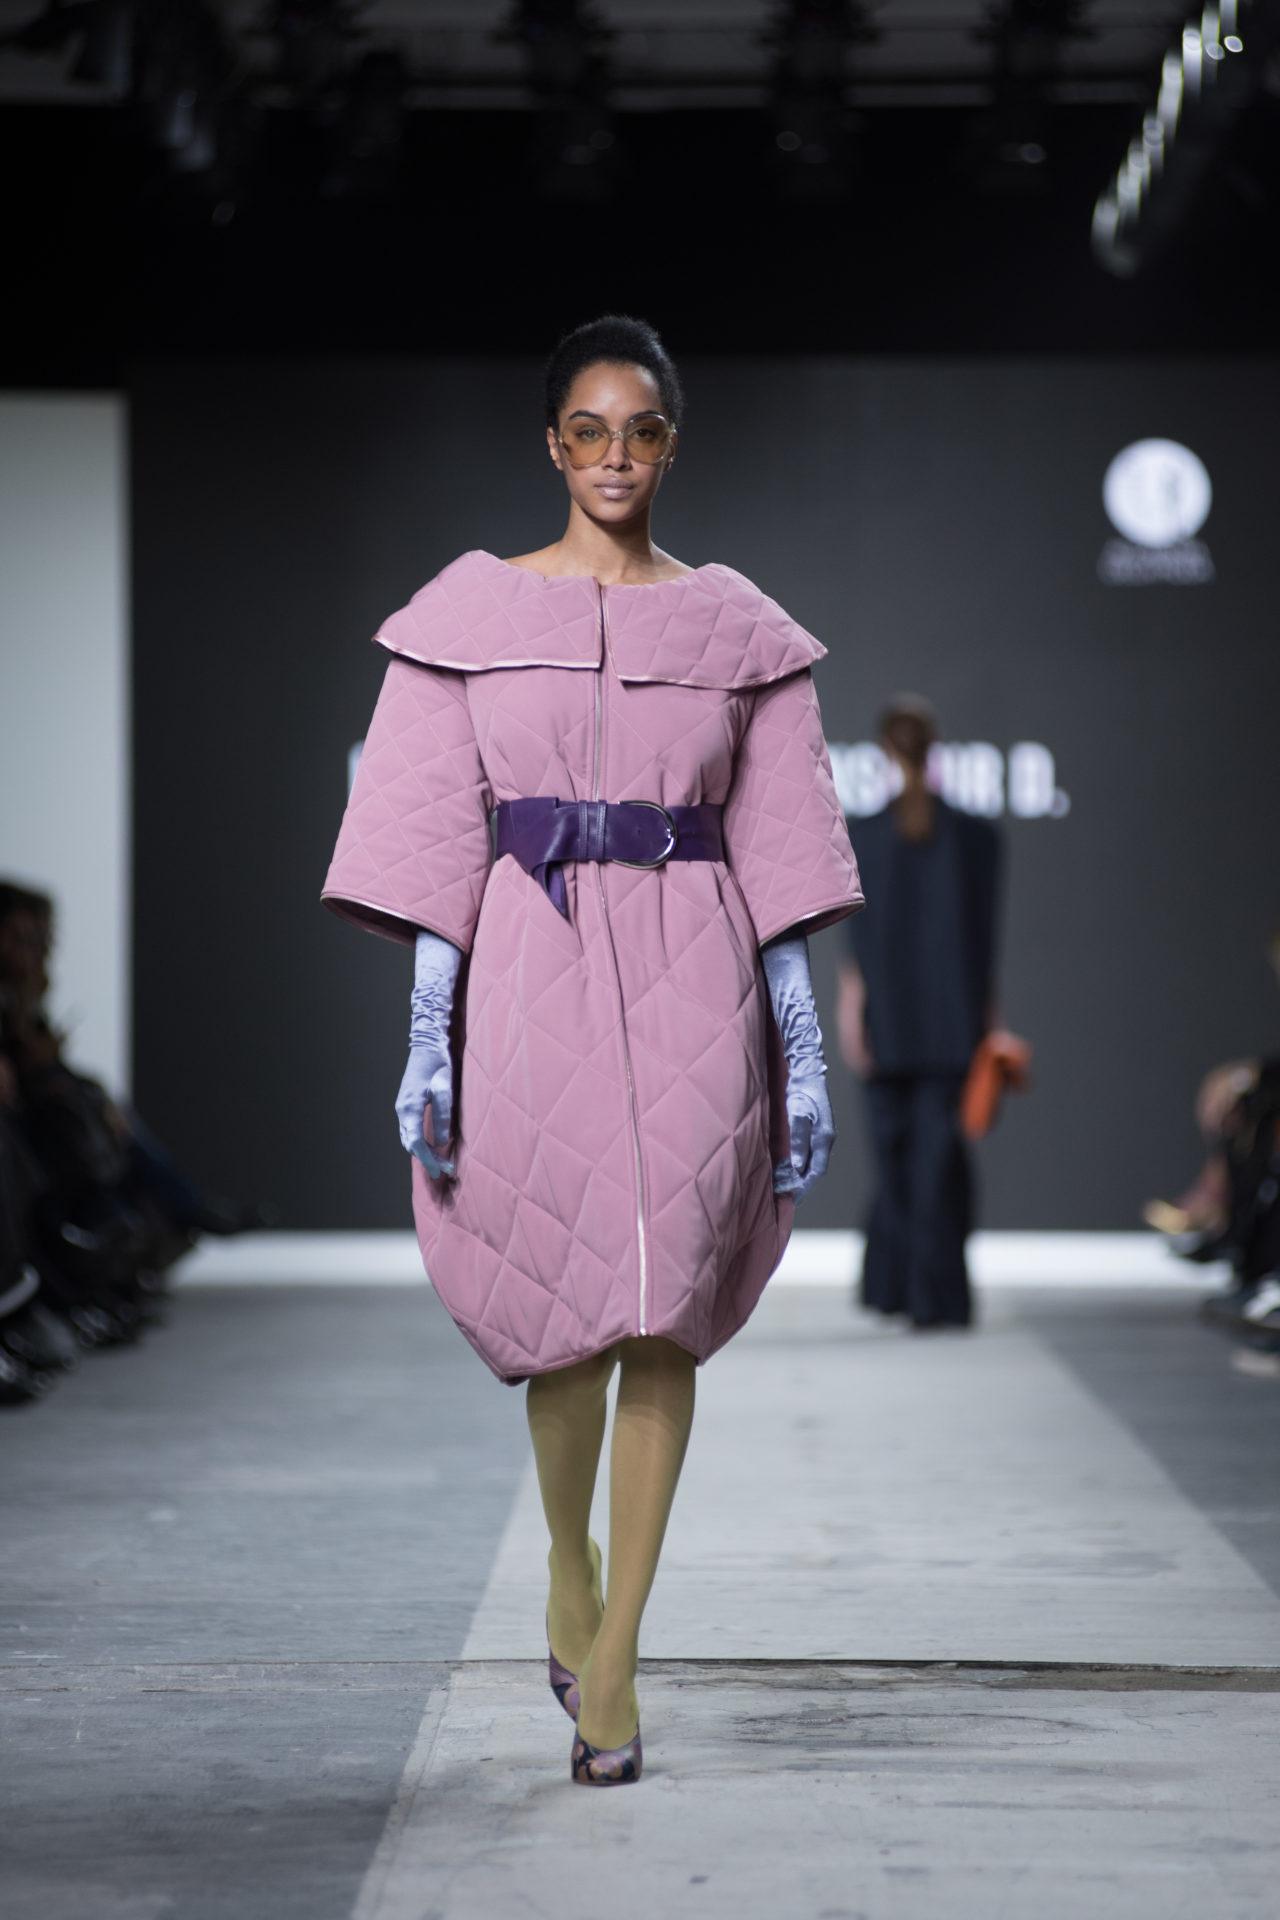 Accademia Della Moda - Fashion Show • Fashion Graduate Italia